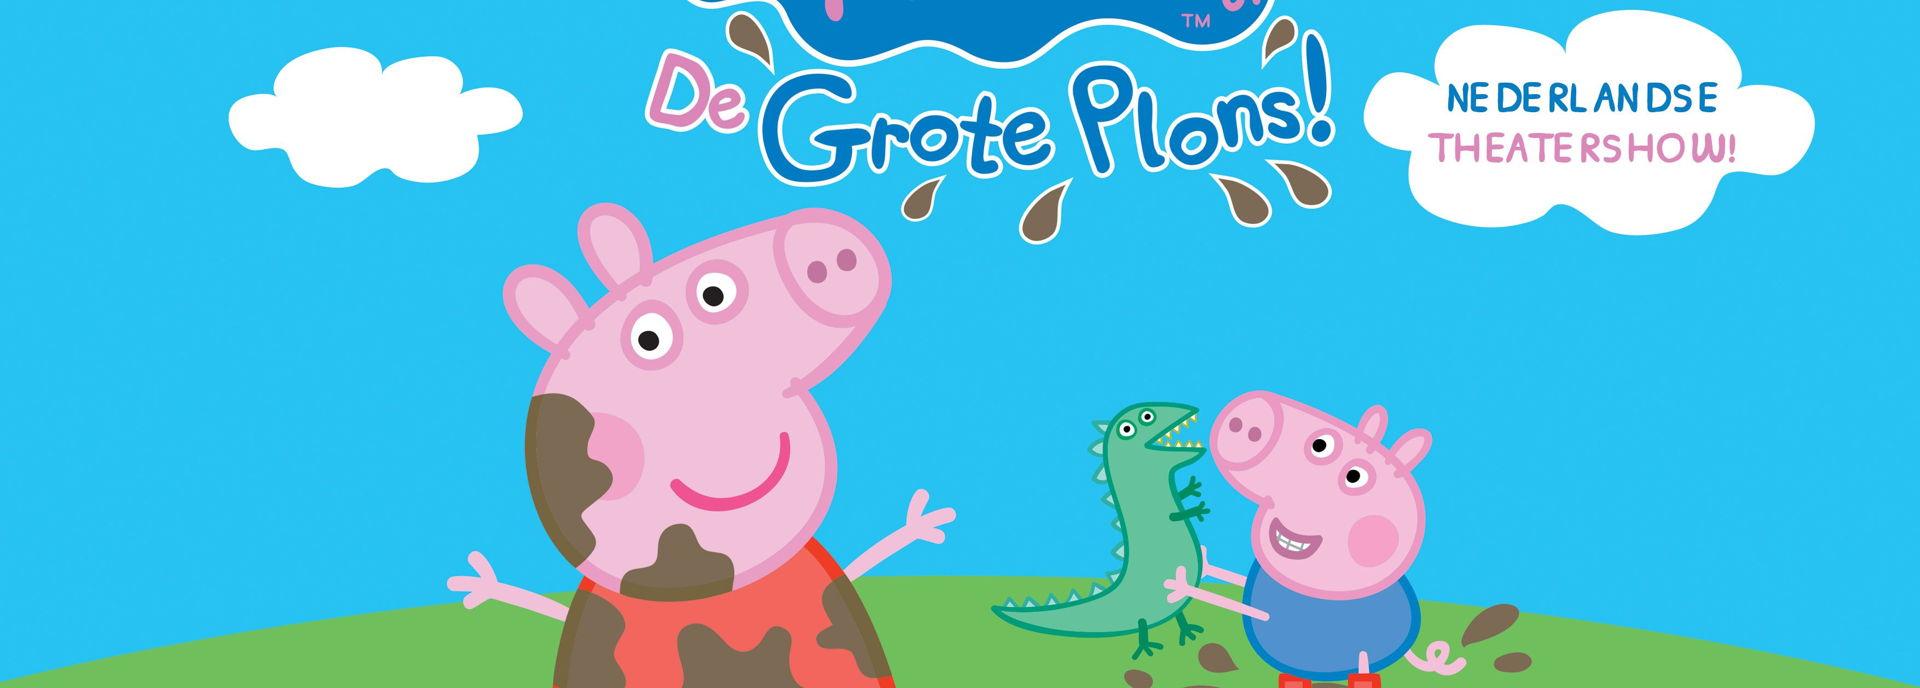 Peppa Pig stond met de Nederlandse Theatershow in De Tamboer